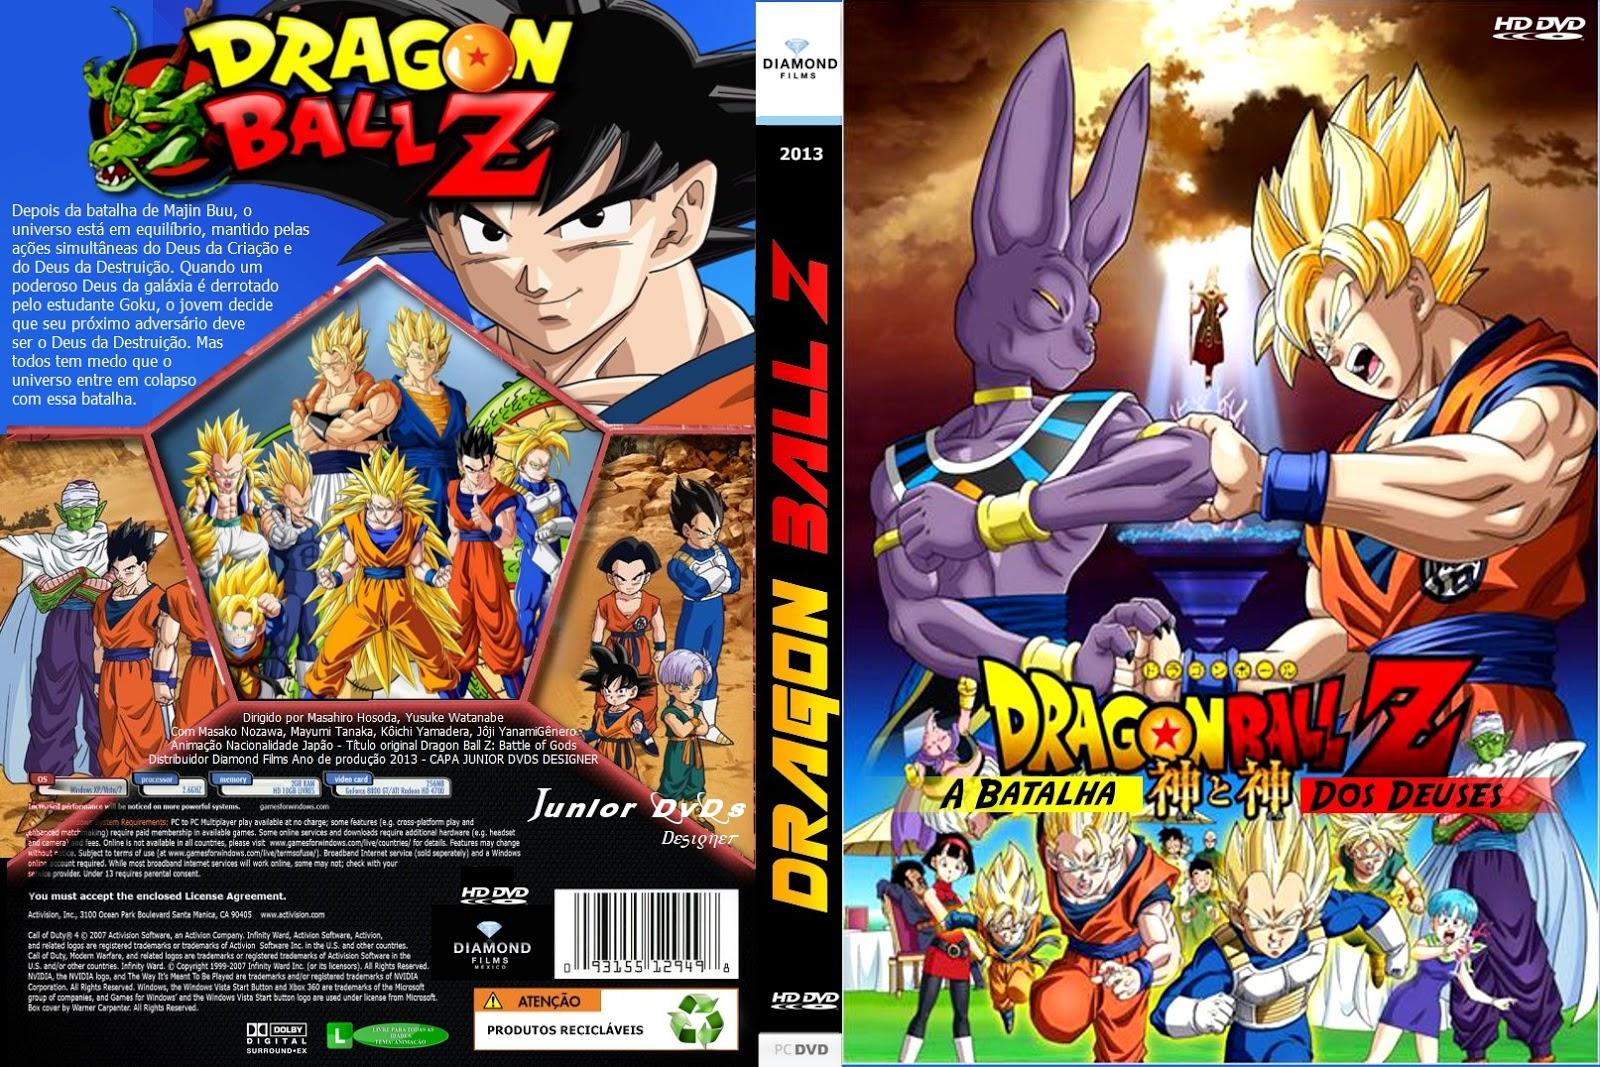 dragon ball z batalha dos deuses dublado rmvb